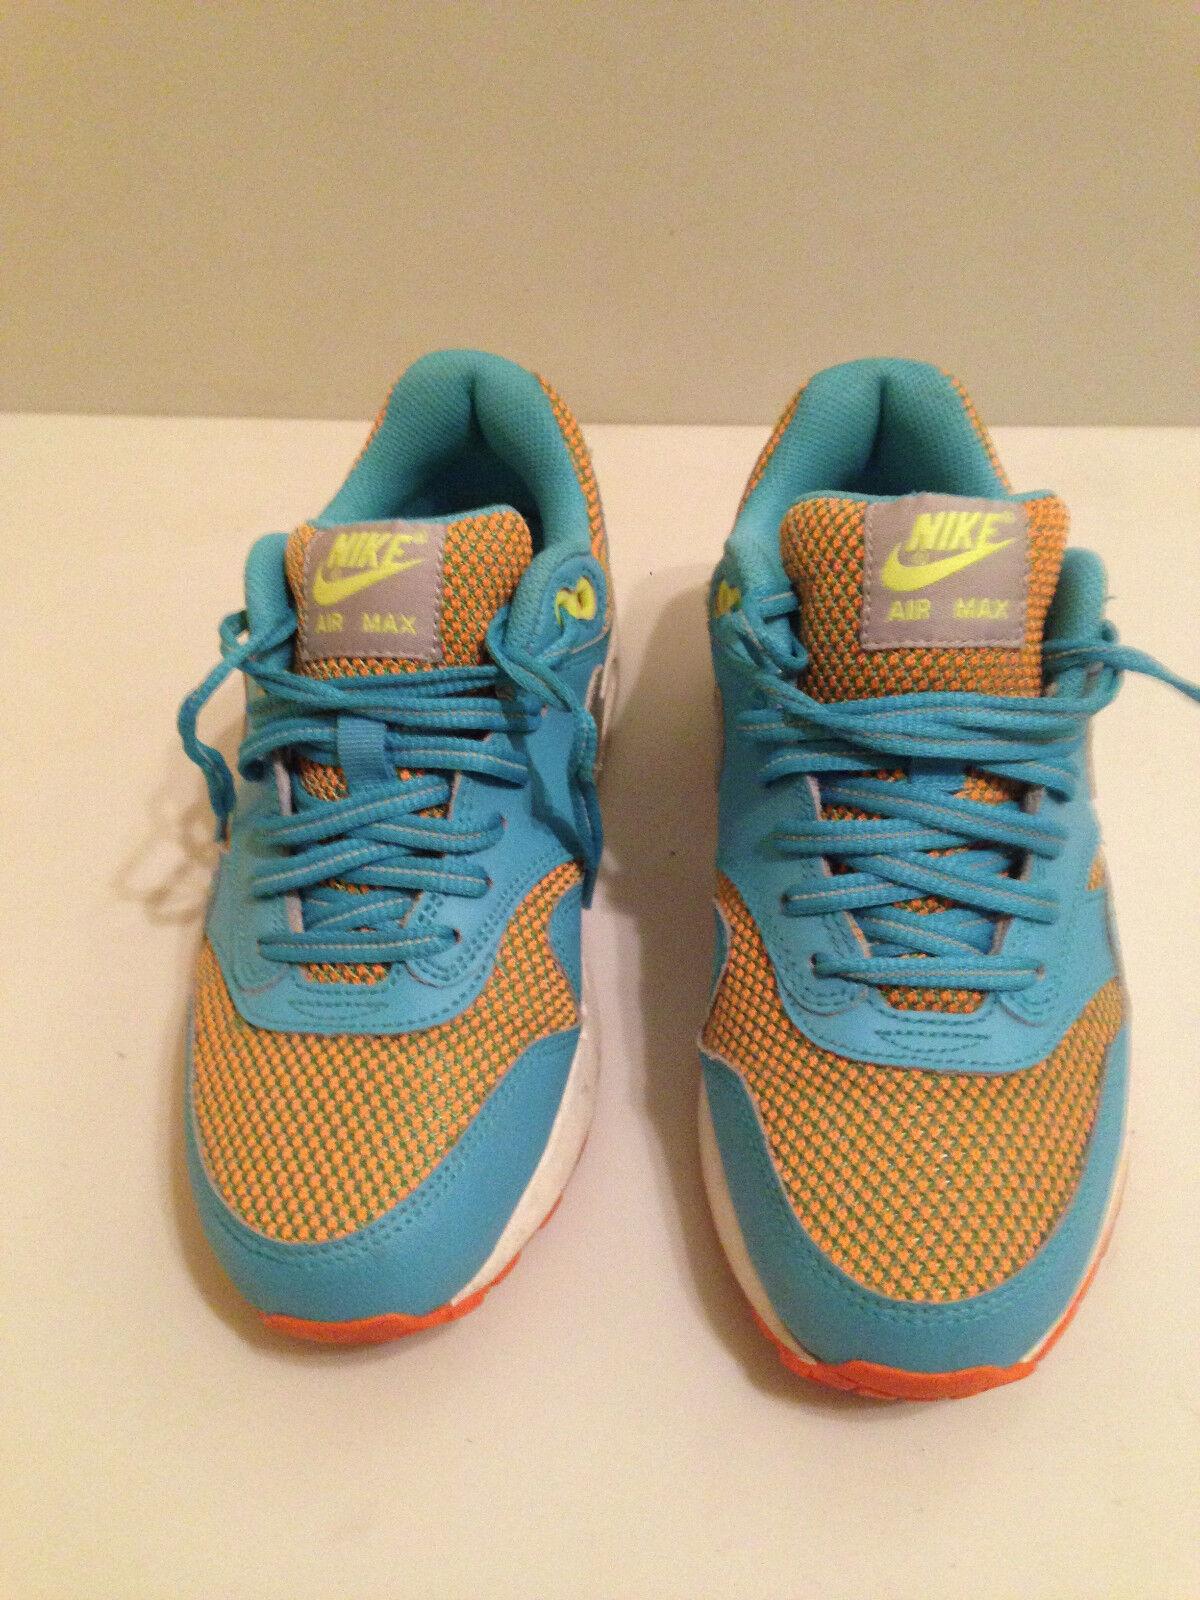 Nike Air Max Max Air Schuhe Sneakers Gr.37,5 e1138e